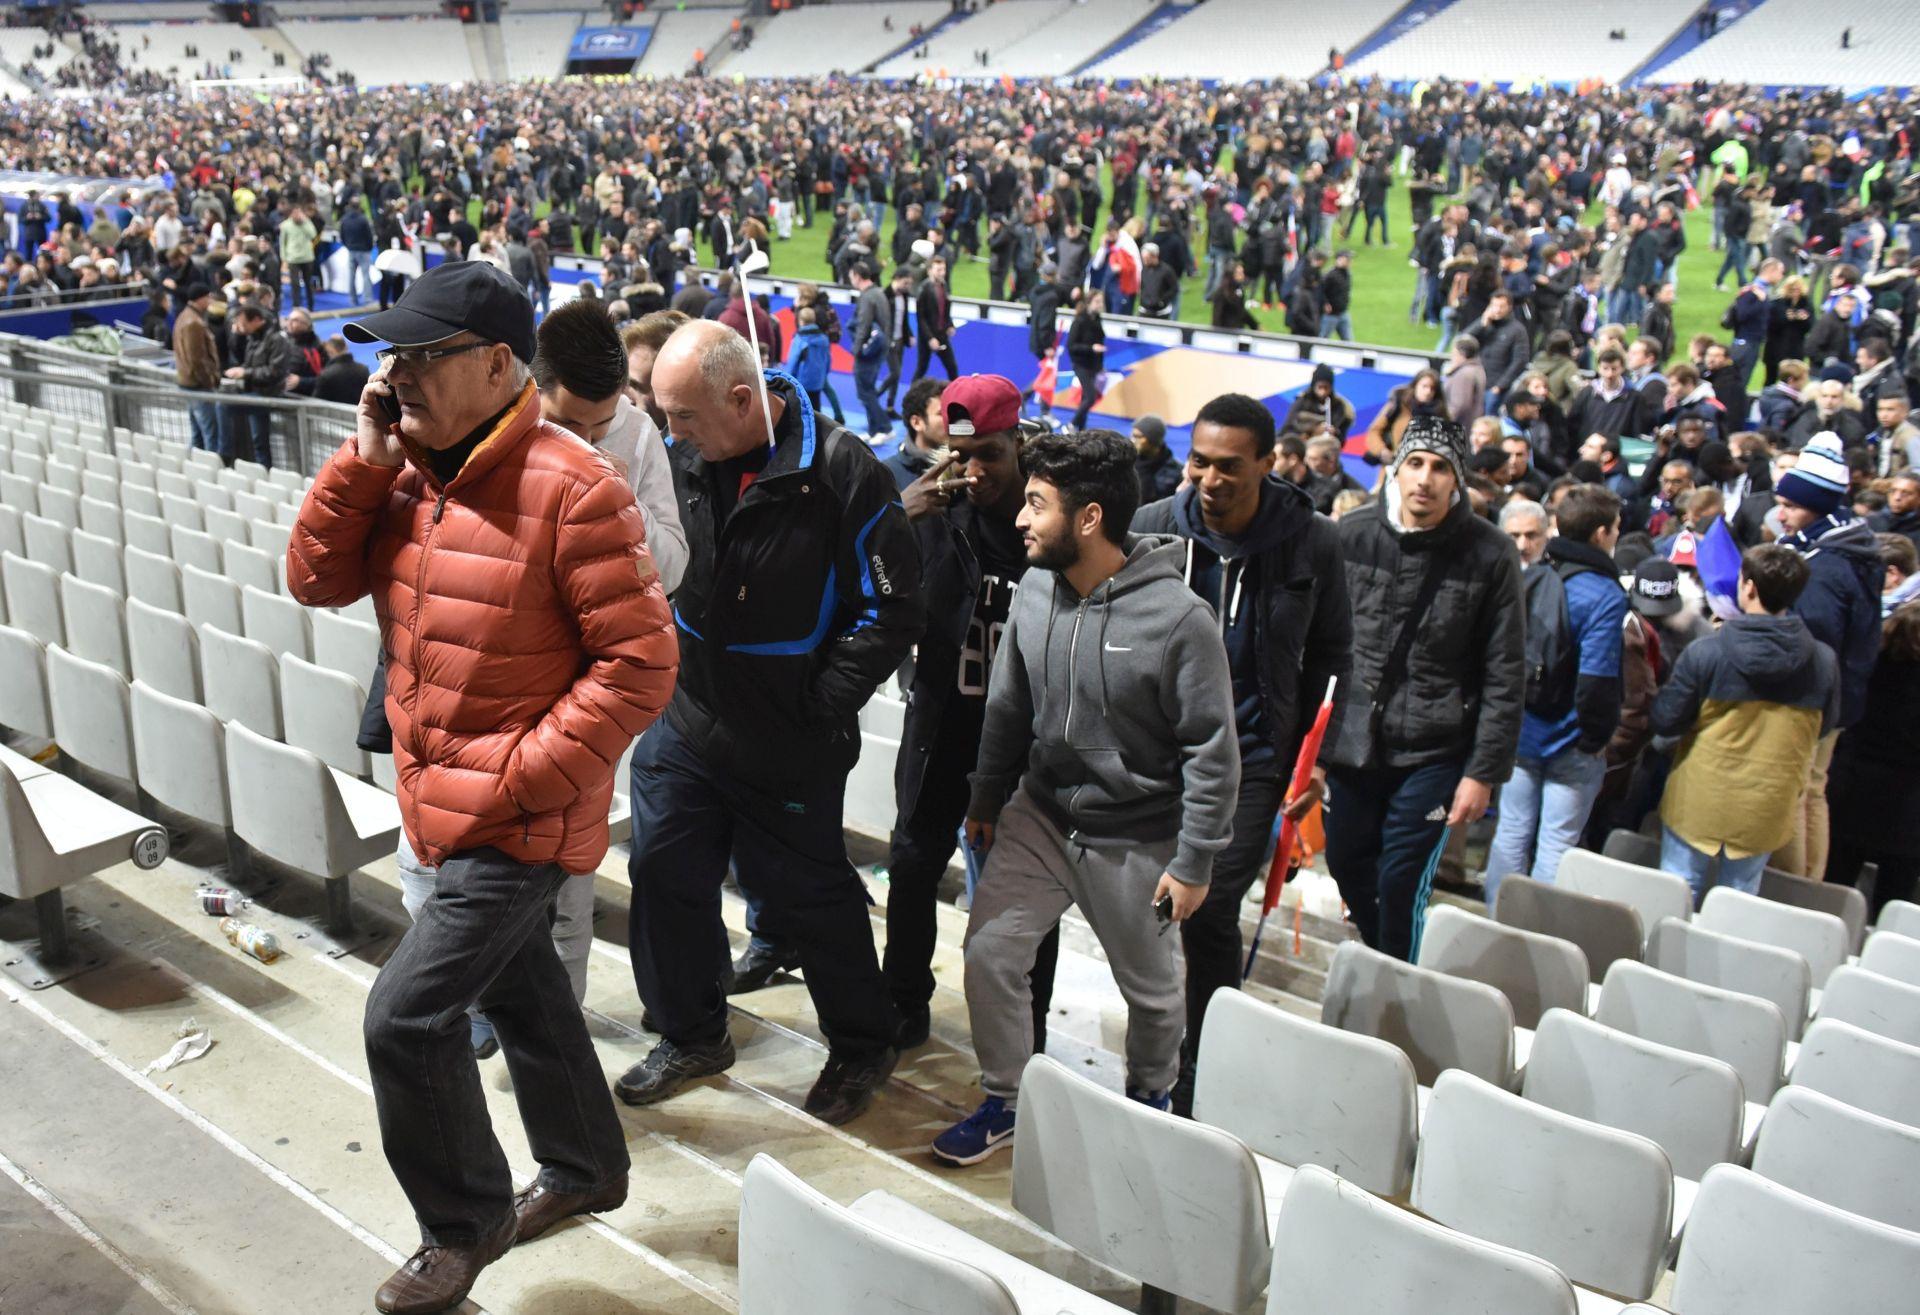 SIGURNOSNI RAZLOZI Gostujući navijači zabranjeni na utakmicama francuskog prvenstva